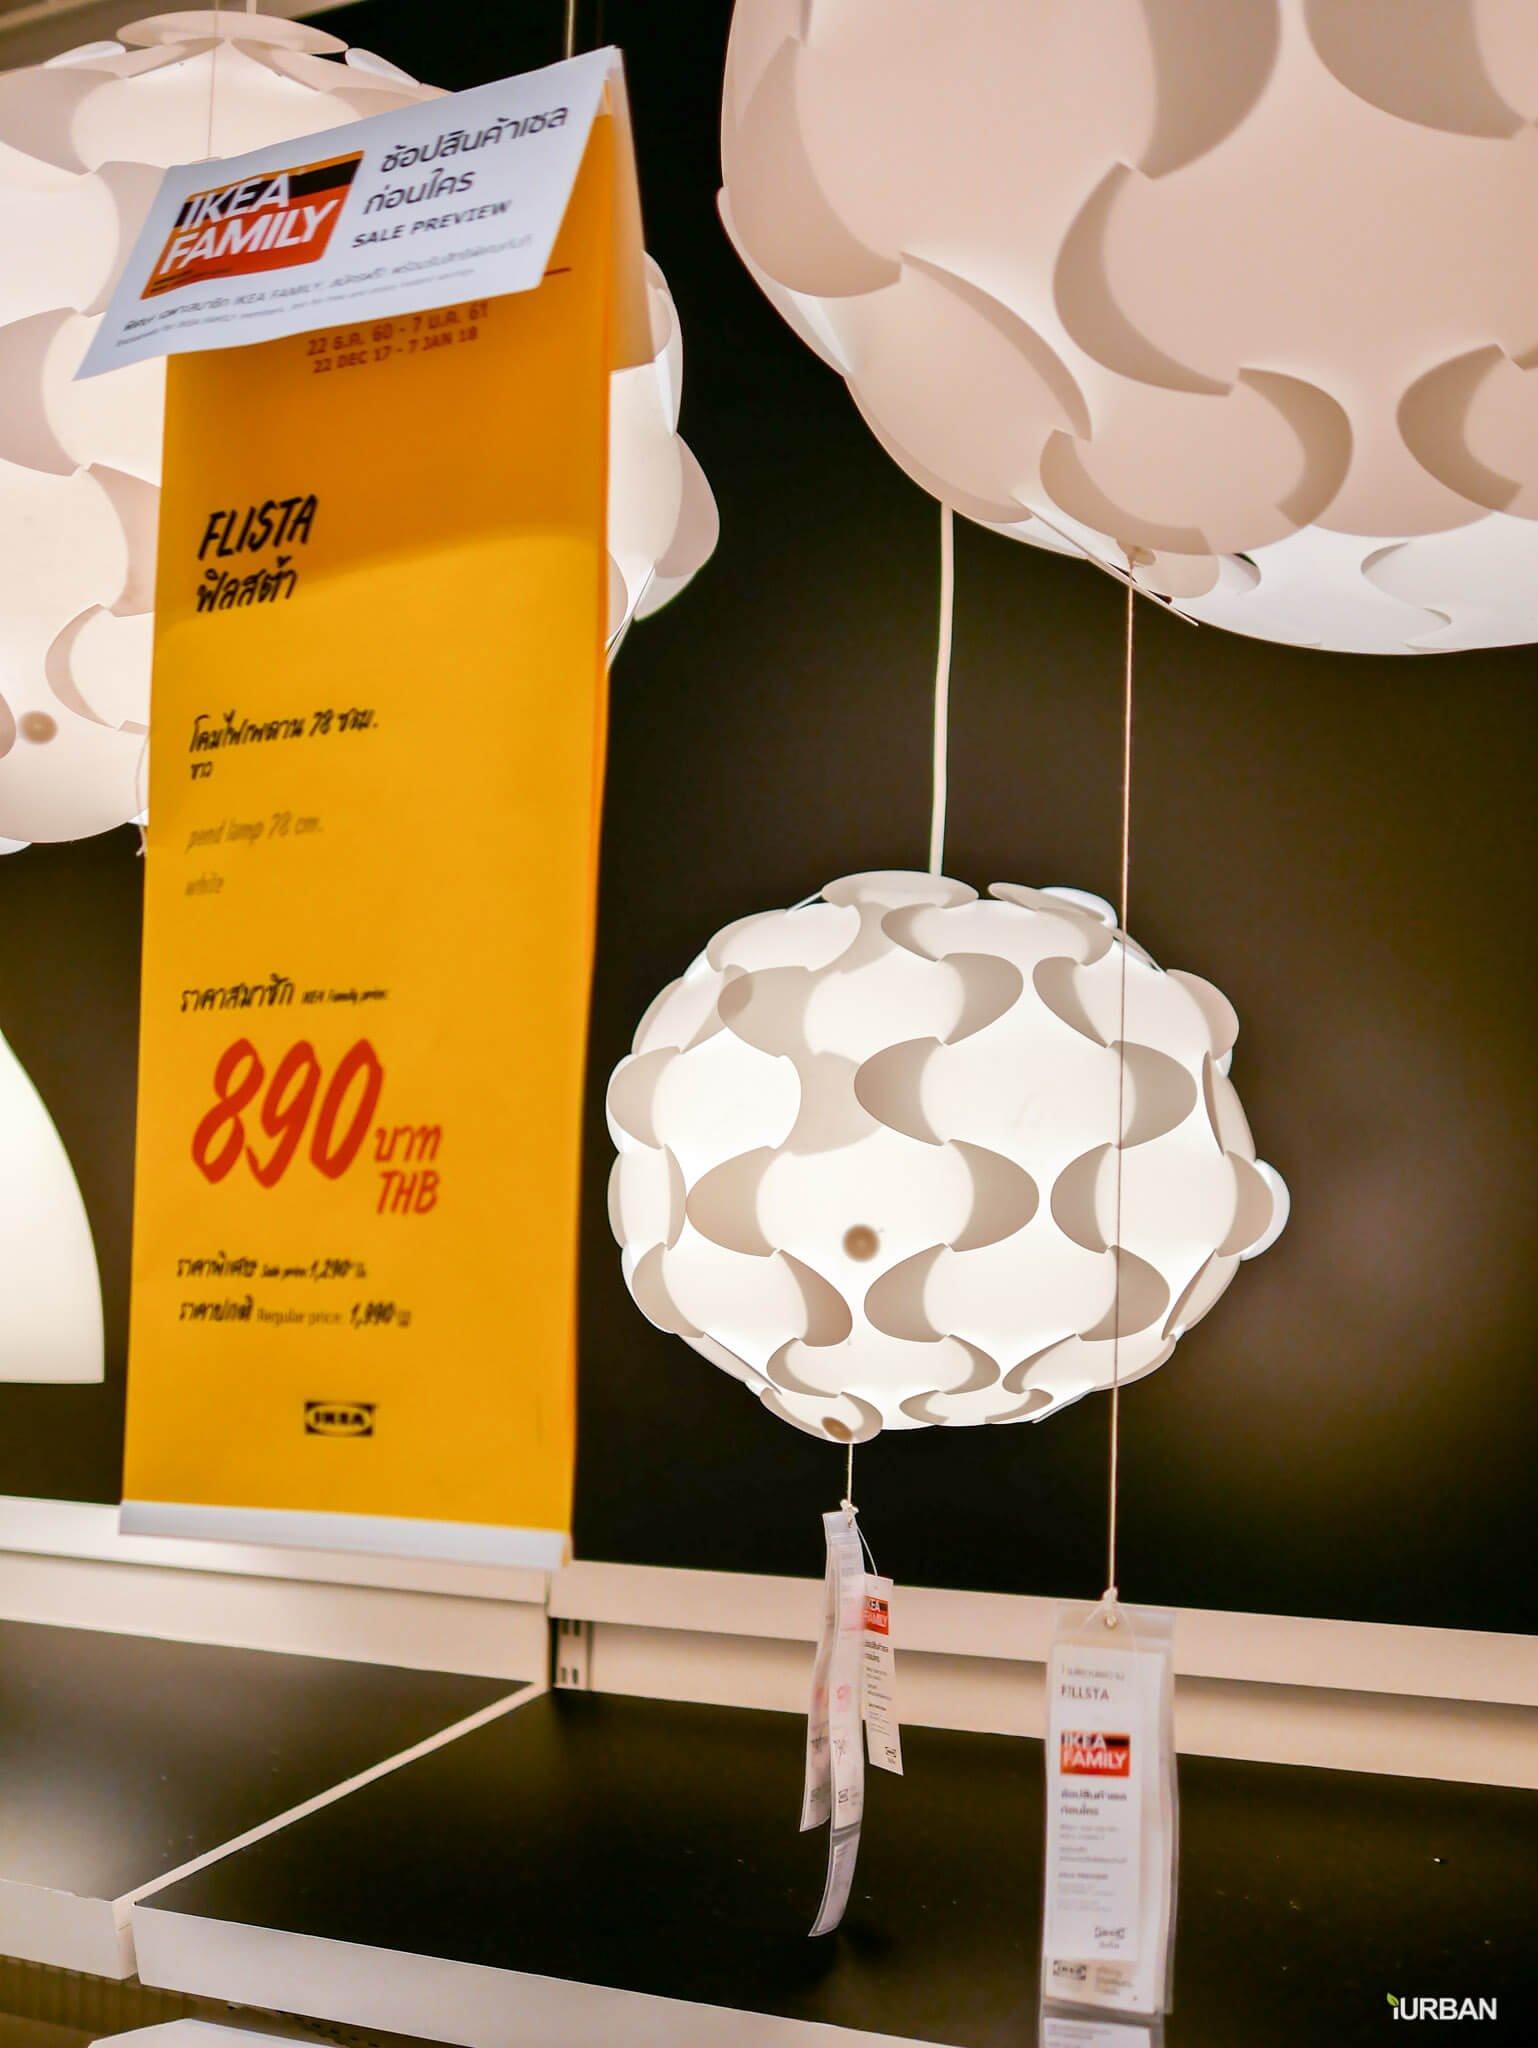 มันเยอะมากกกก!! IKEA Year End SALE 2017 รวมของเซลในอิเกีย ลดเยอะ ลดแหลก รีบพุ่งตัวไป วันนี้ - 7 มกราคม 61 185 - IKEA (อิเกีย)